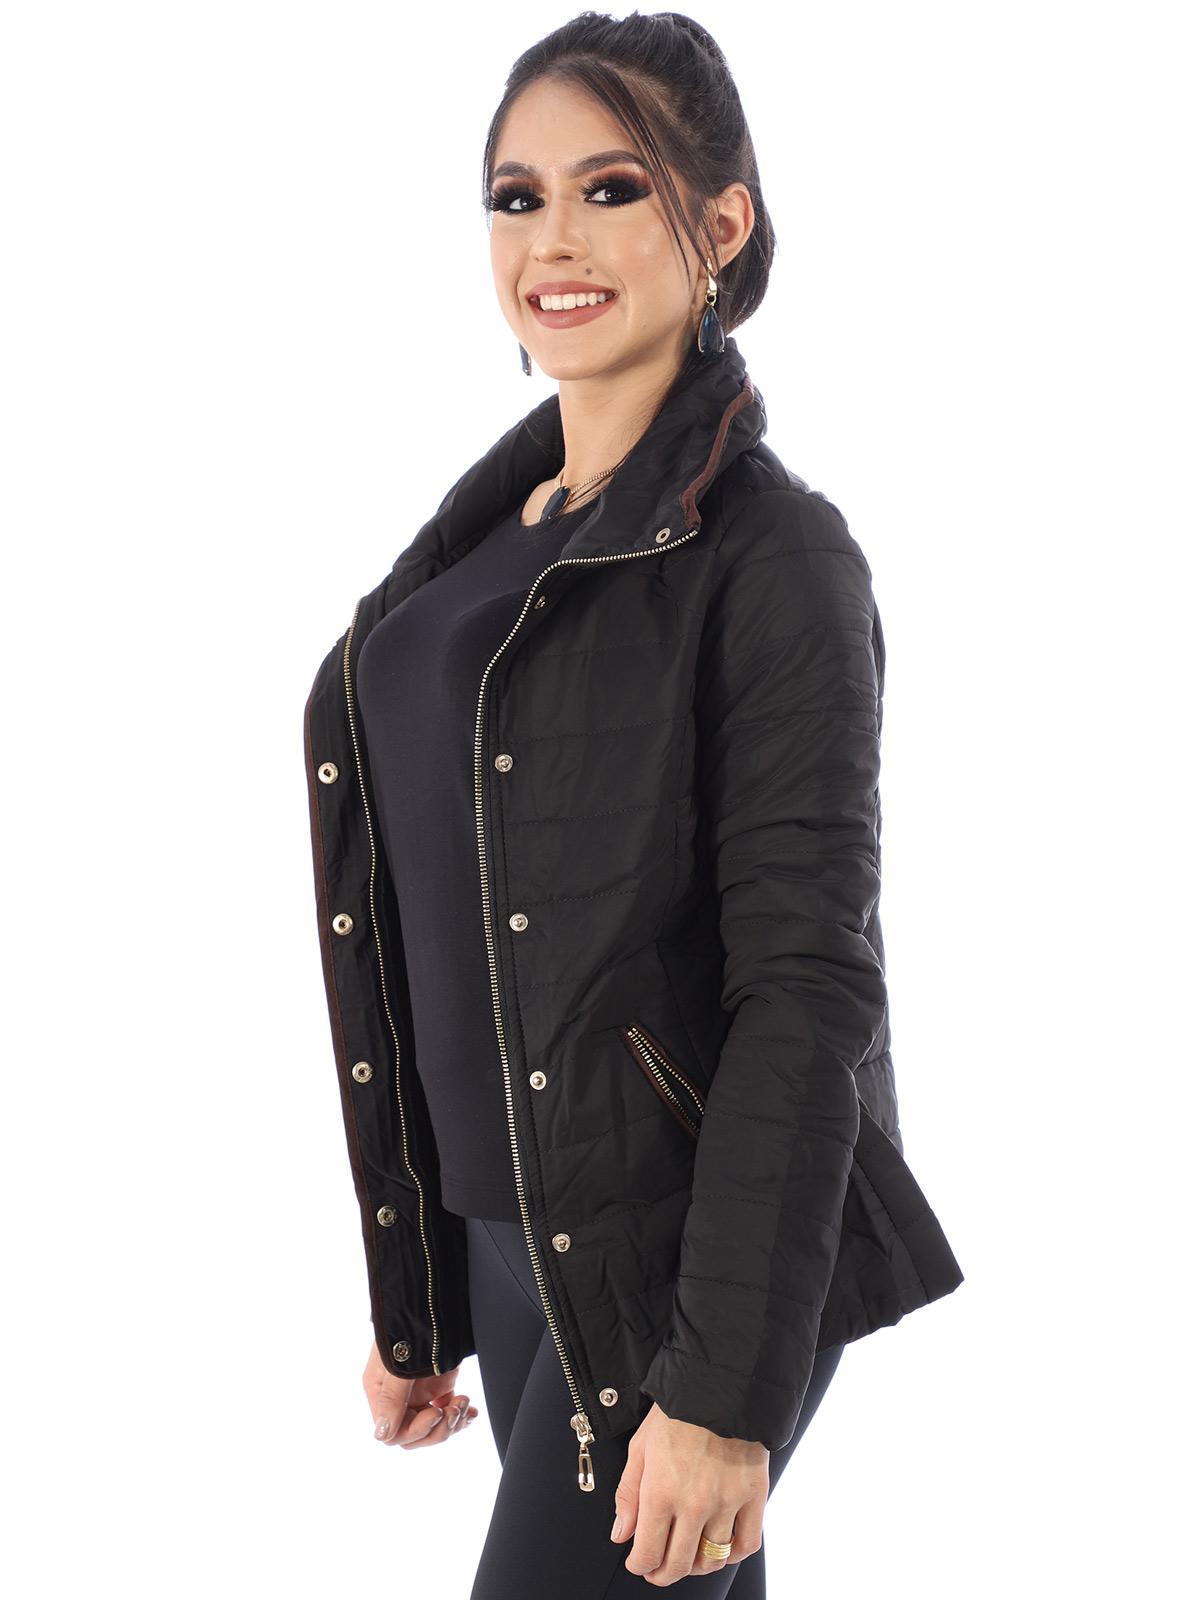 Jaqueta Feminina De Matelasse Com Ziper e Botões Preta